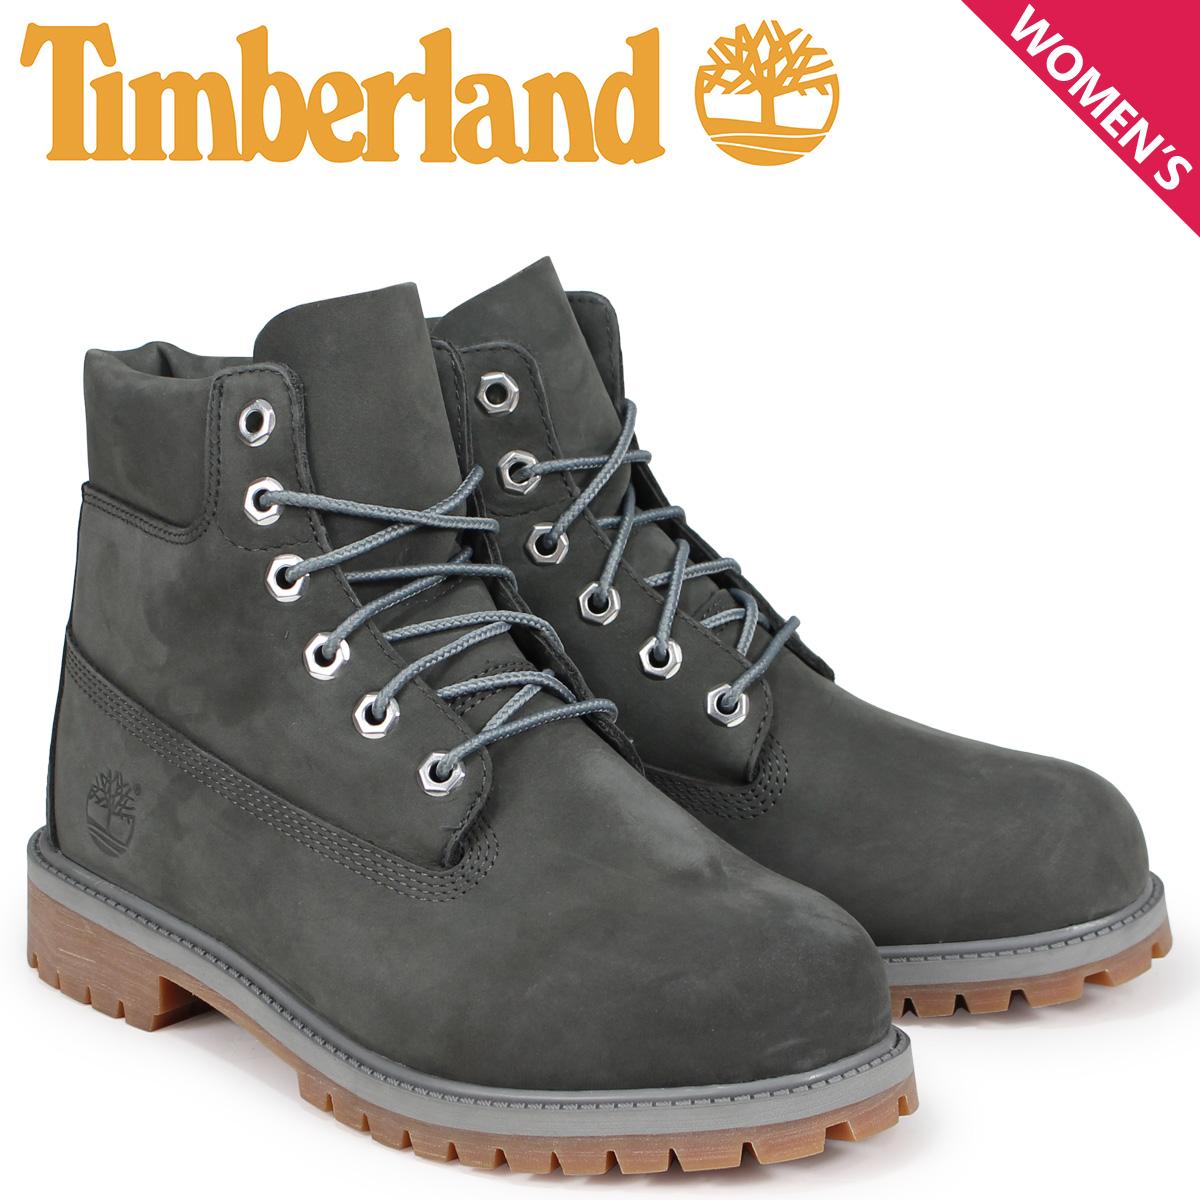 ティンバーランド Timberland ブーツ レディース 6インチ キッズ JUNIOR 6-INCH PREMIUM WATERPROOF BOOTS A1VD7 Wワイズ ダークグレー